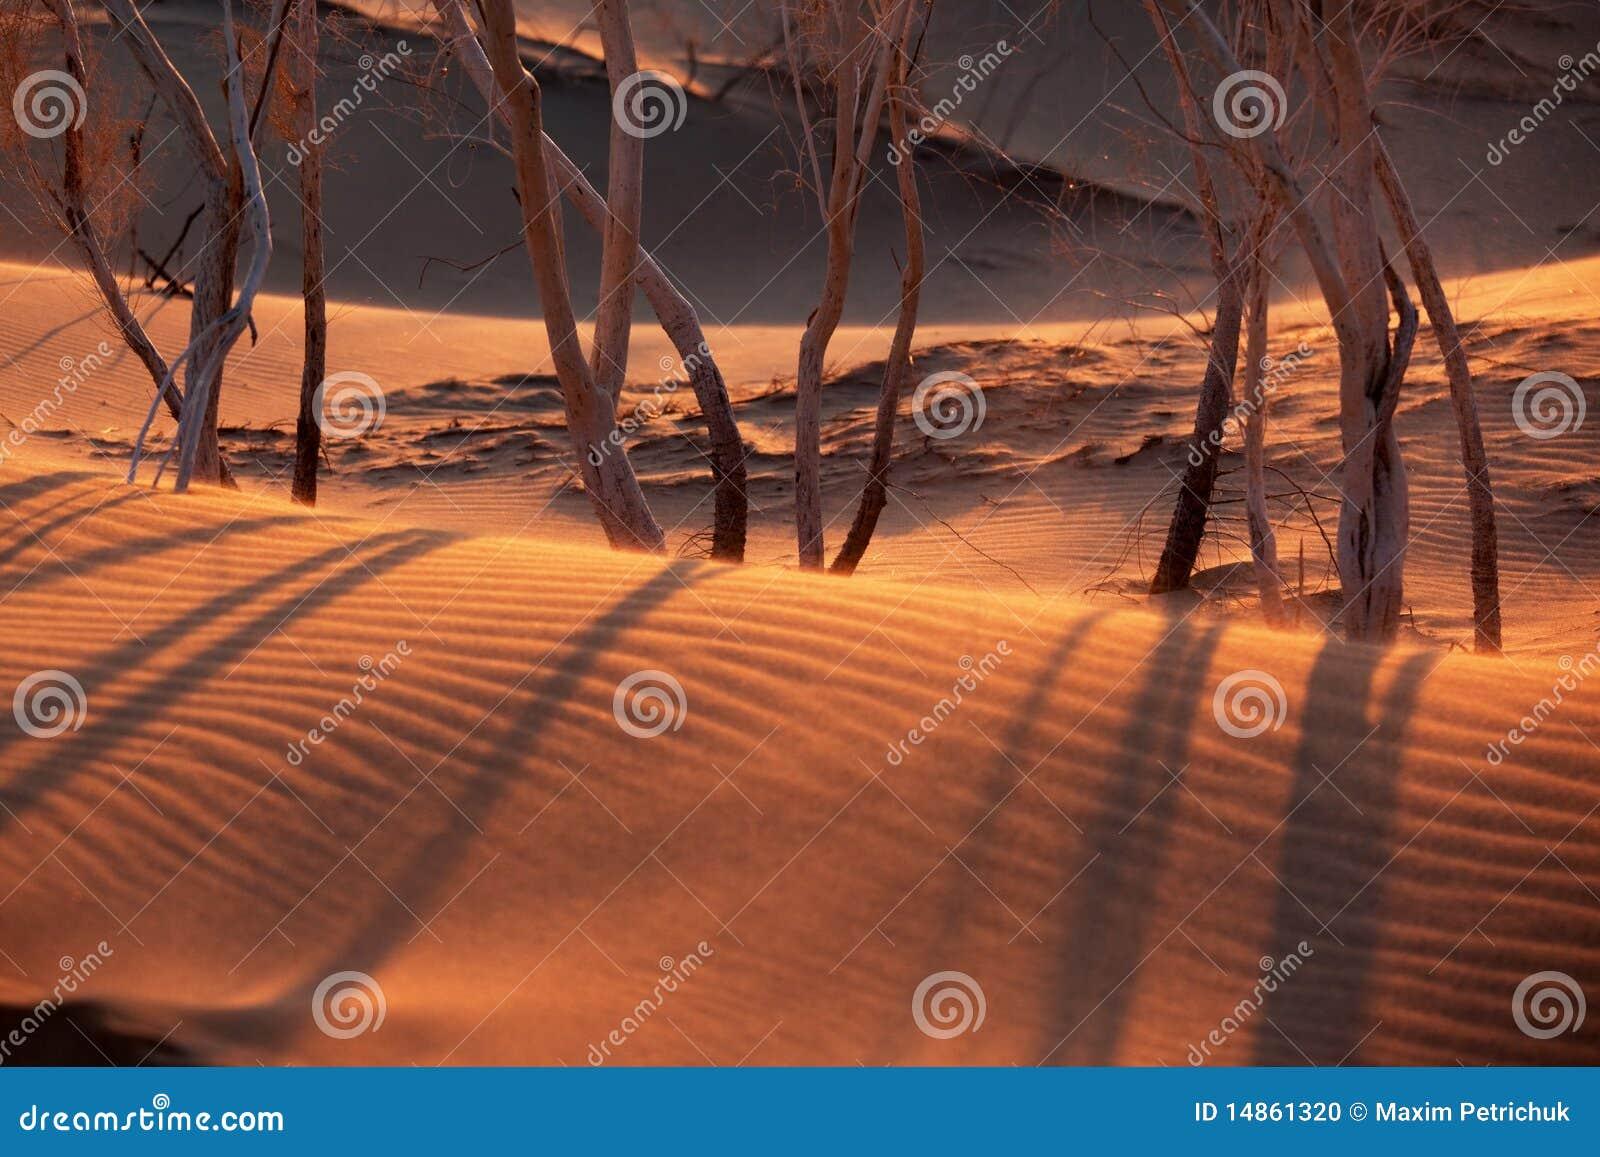 Sunset in sand desert